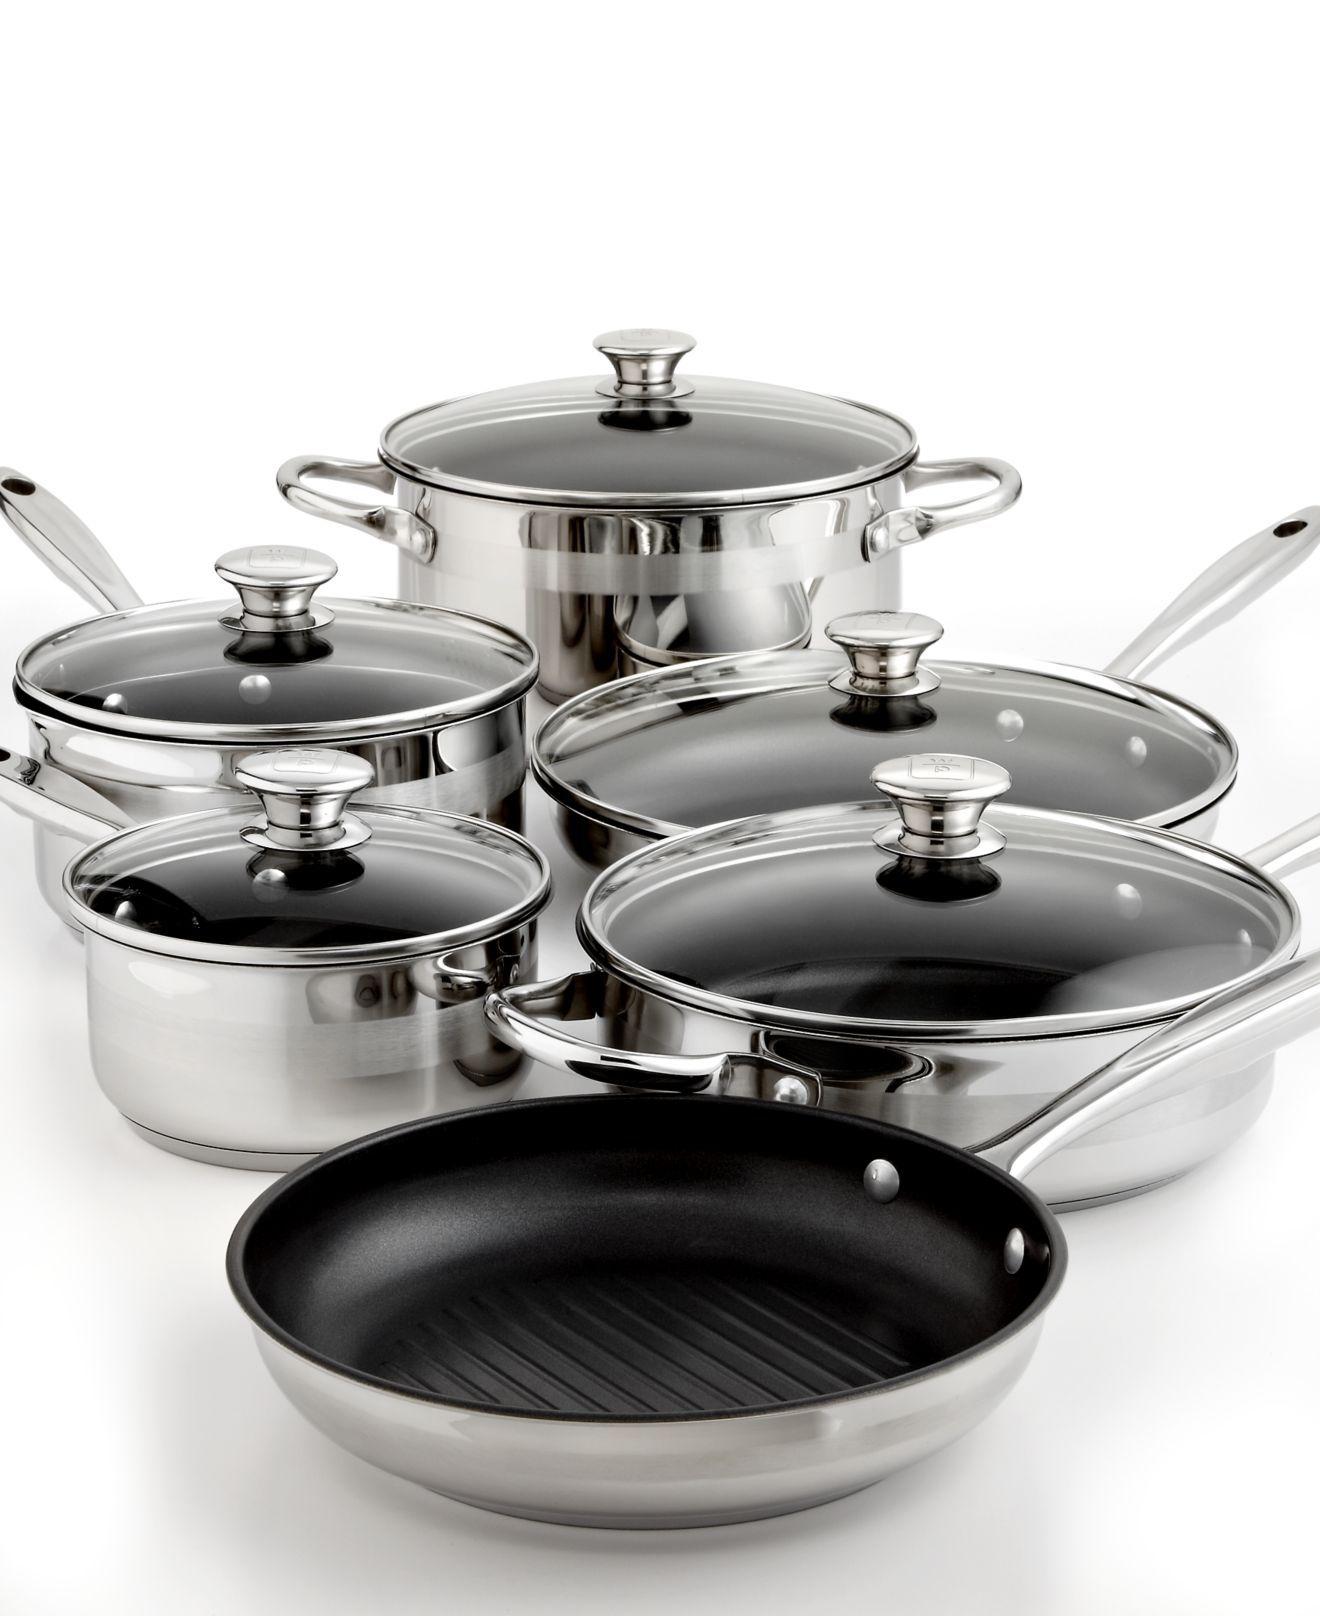 Wolfgang Puck Nonstick Cookware, 11 Piece Set - Cookware ...